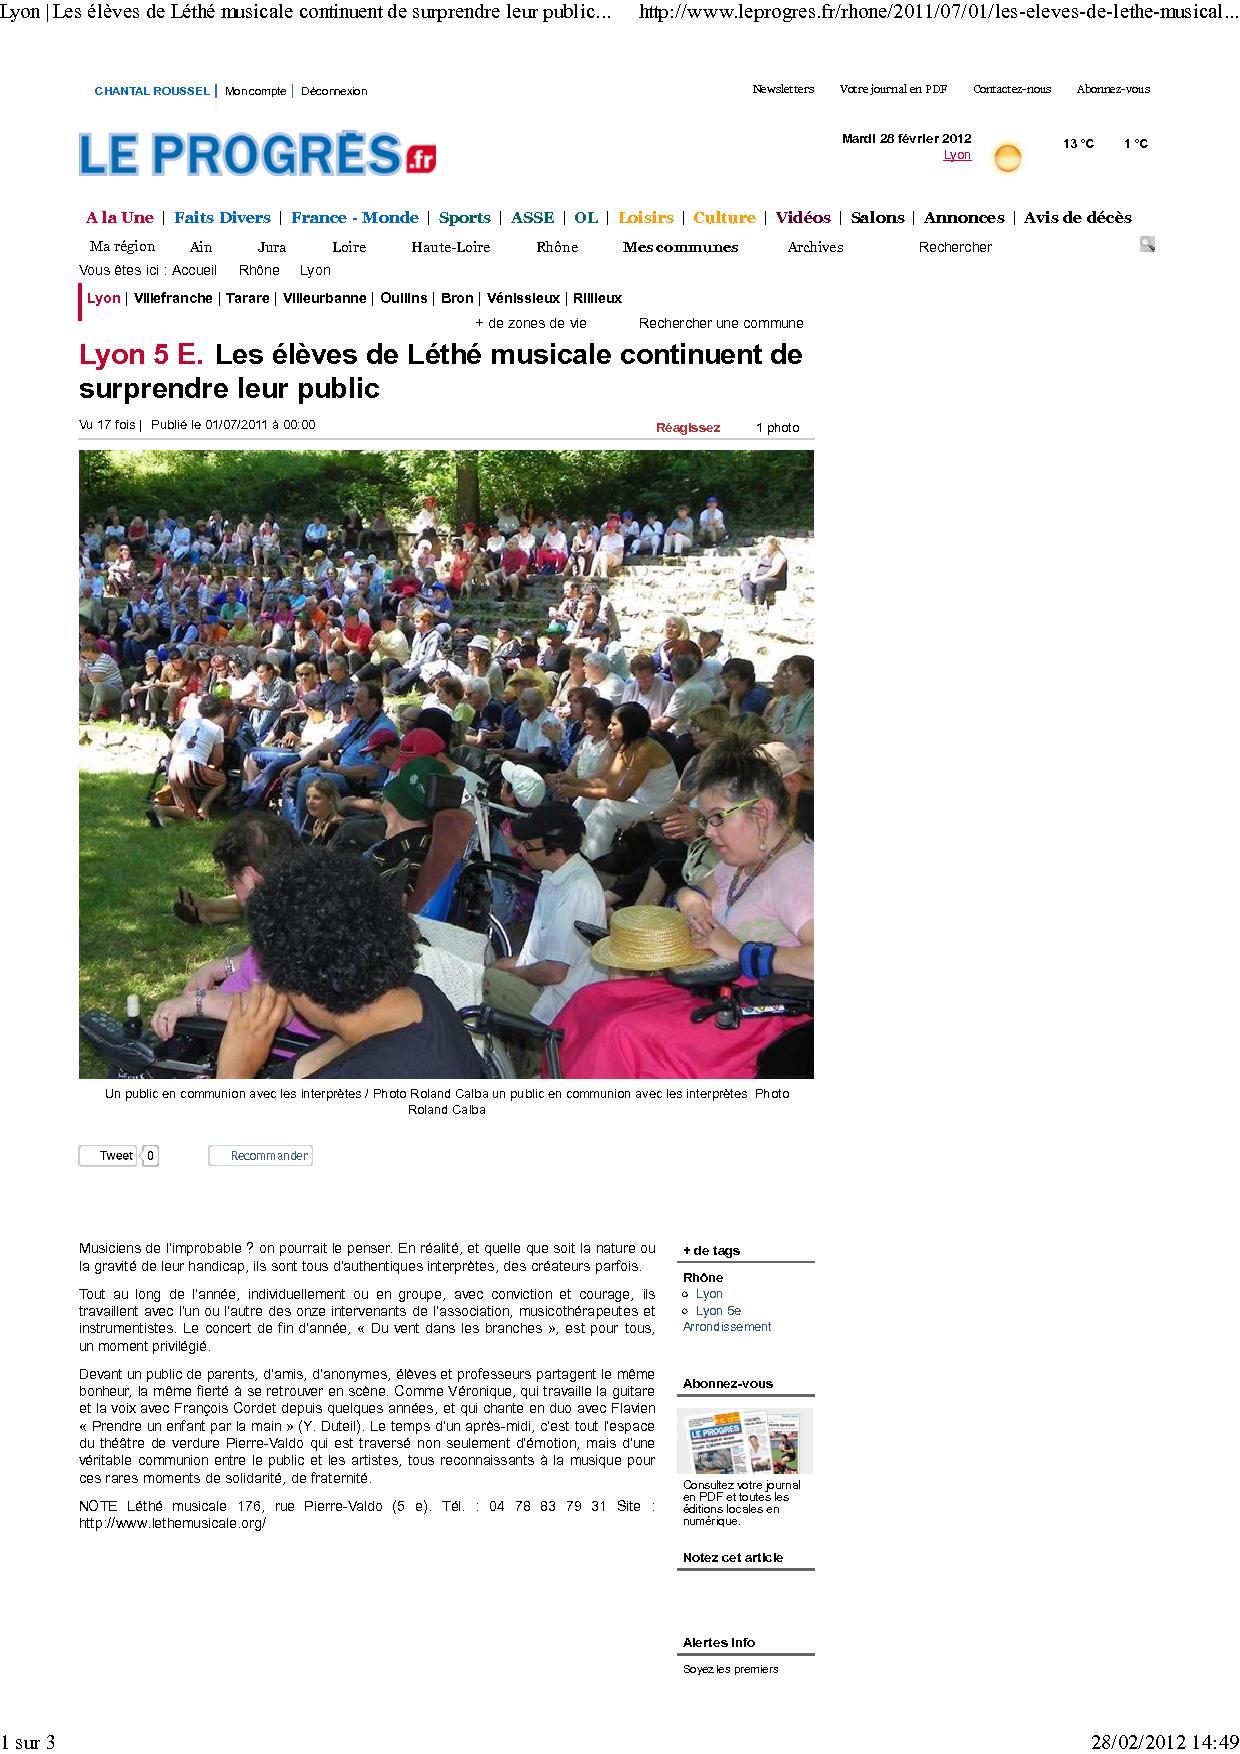 2011_07_01_progres_Les_eleves_de_Lethe_musicale_continuent_de_surprendre.jpg